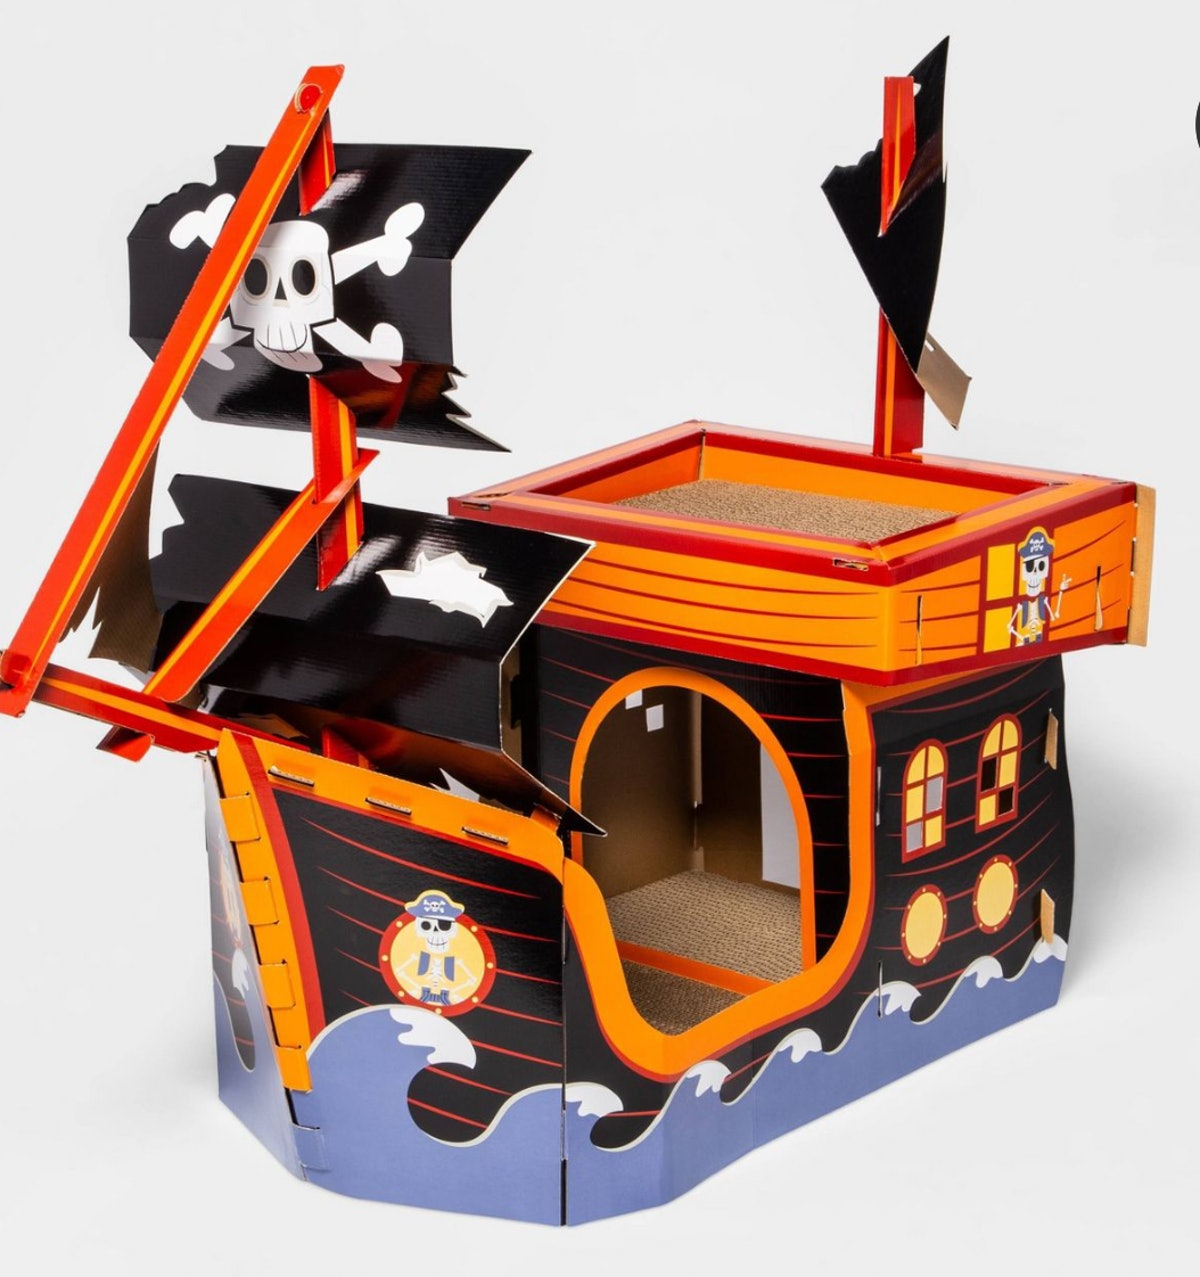 Pirate Ship Cat Scratcher Toy